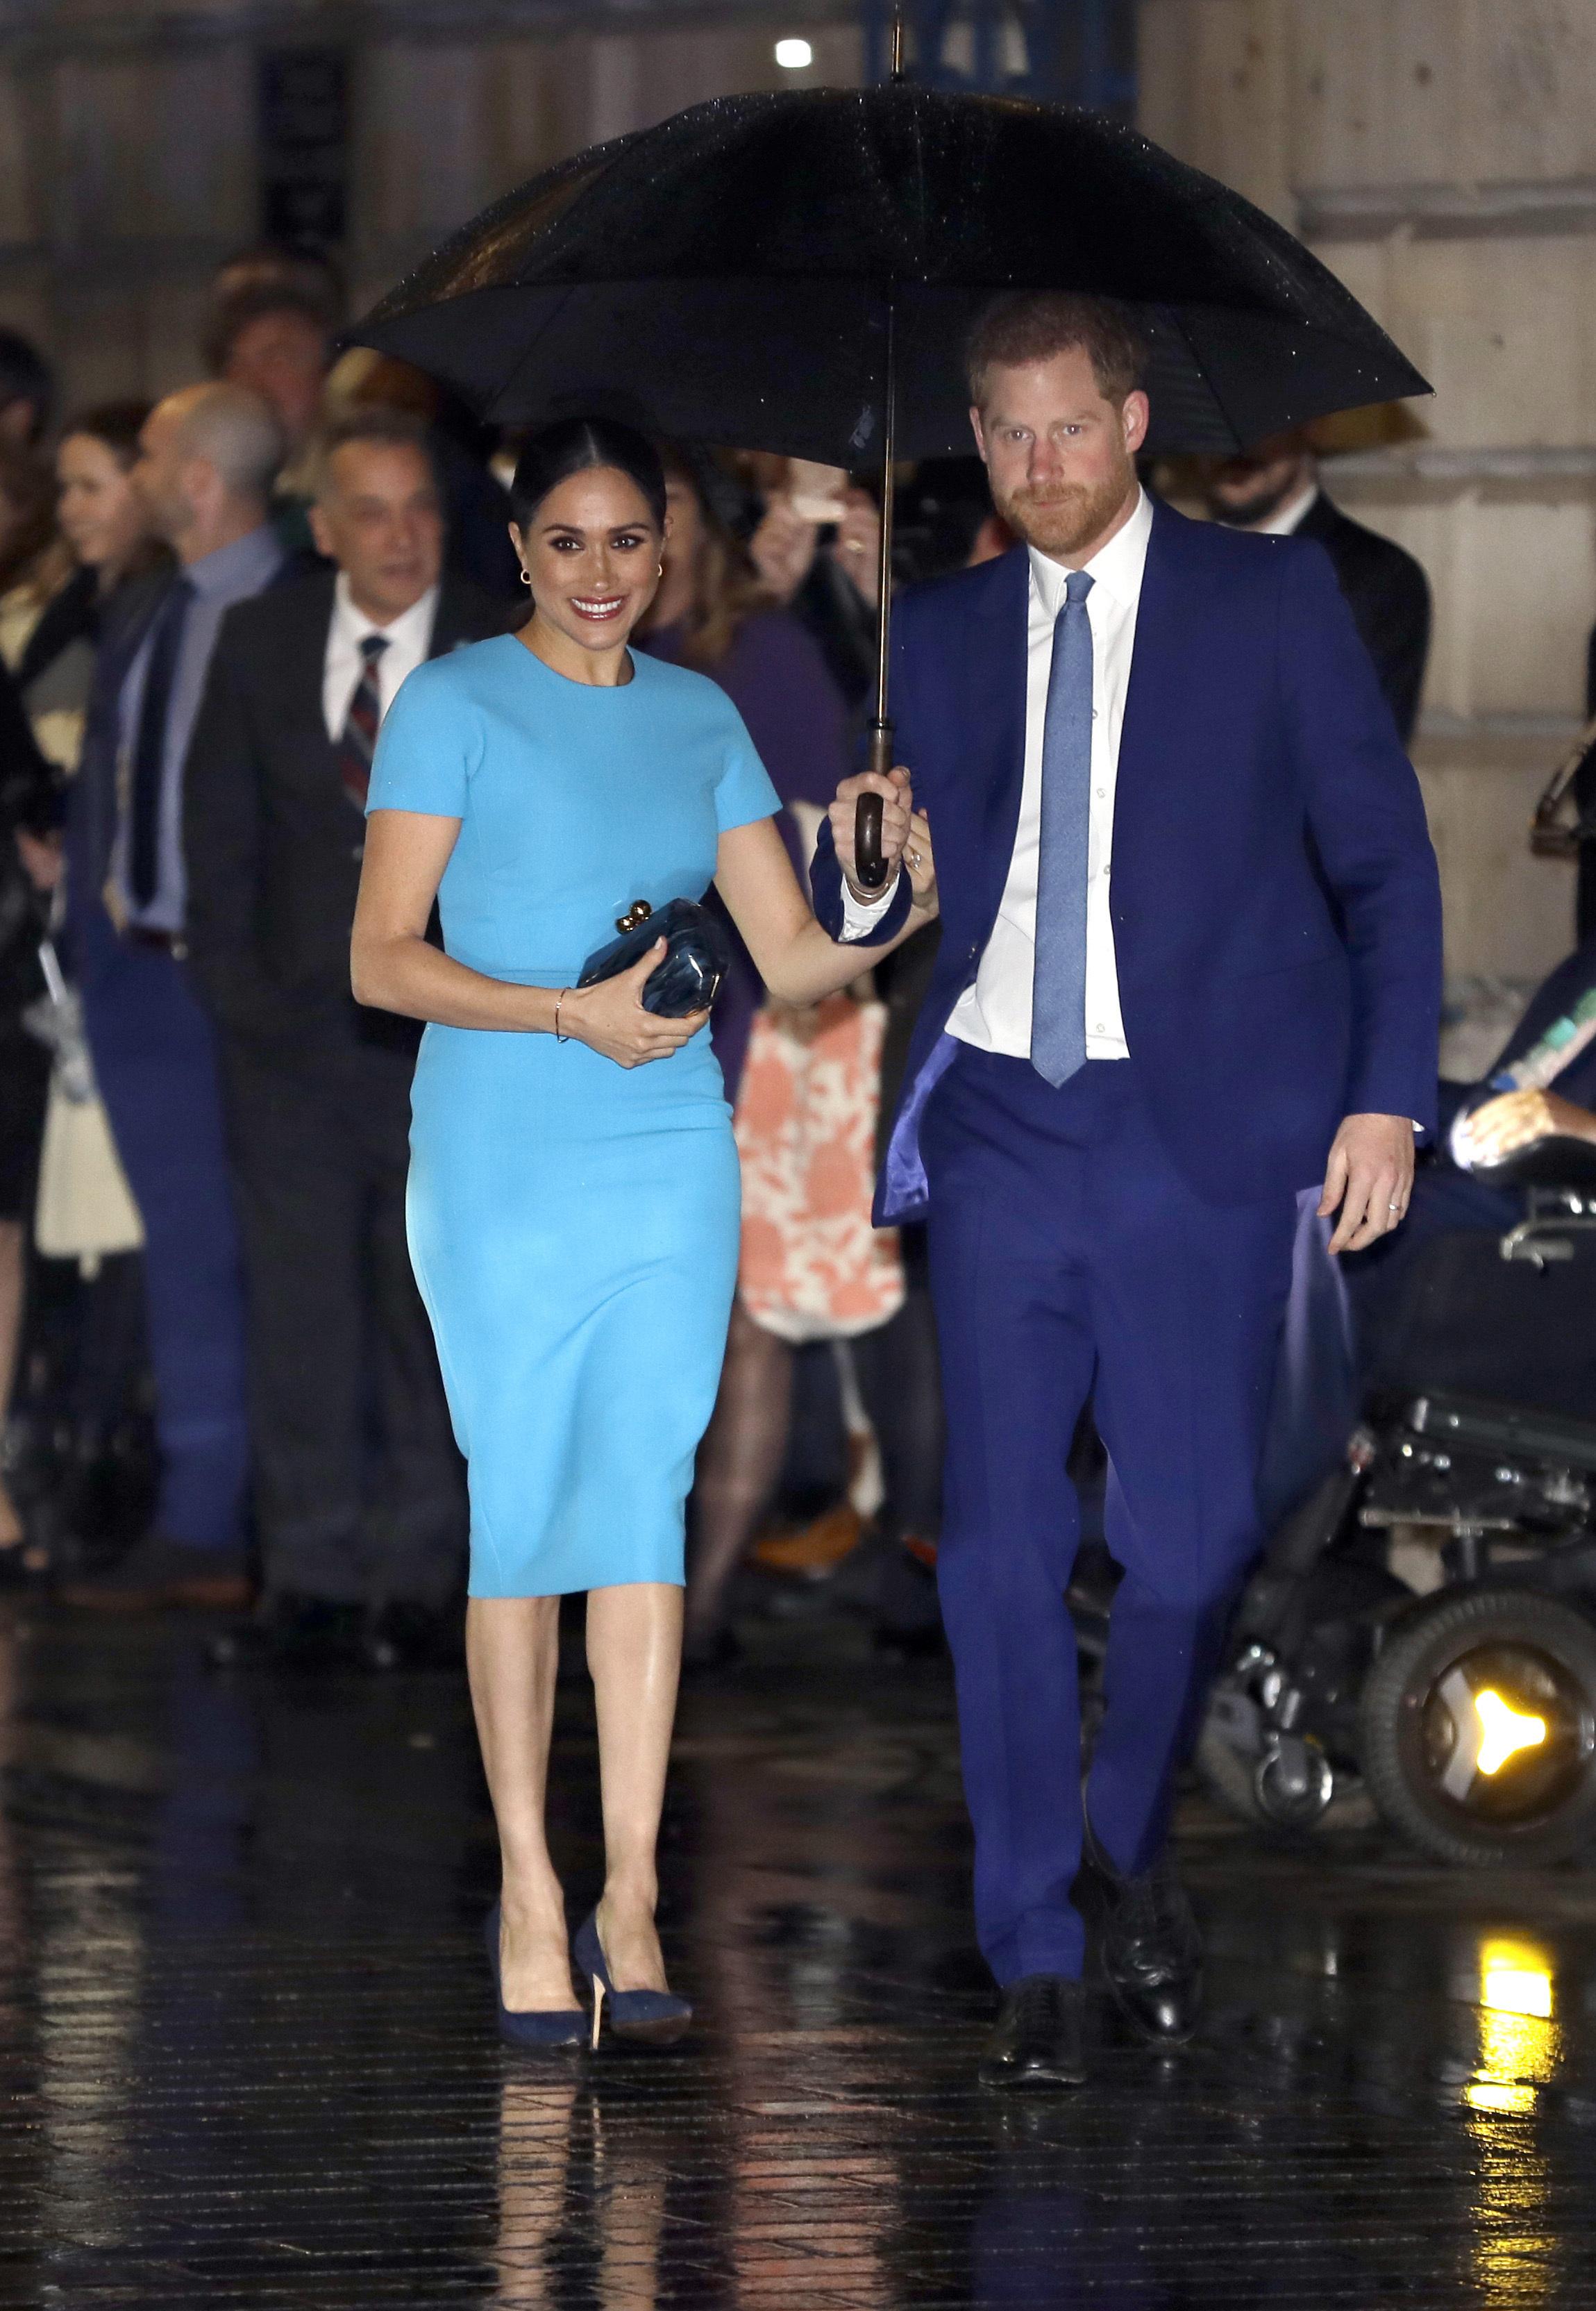 La ocasión marca el primer compromiso de su última jornada de eventos como miembros de la realeza. (AP)